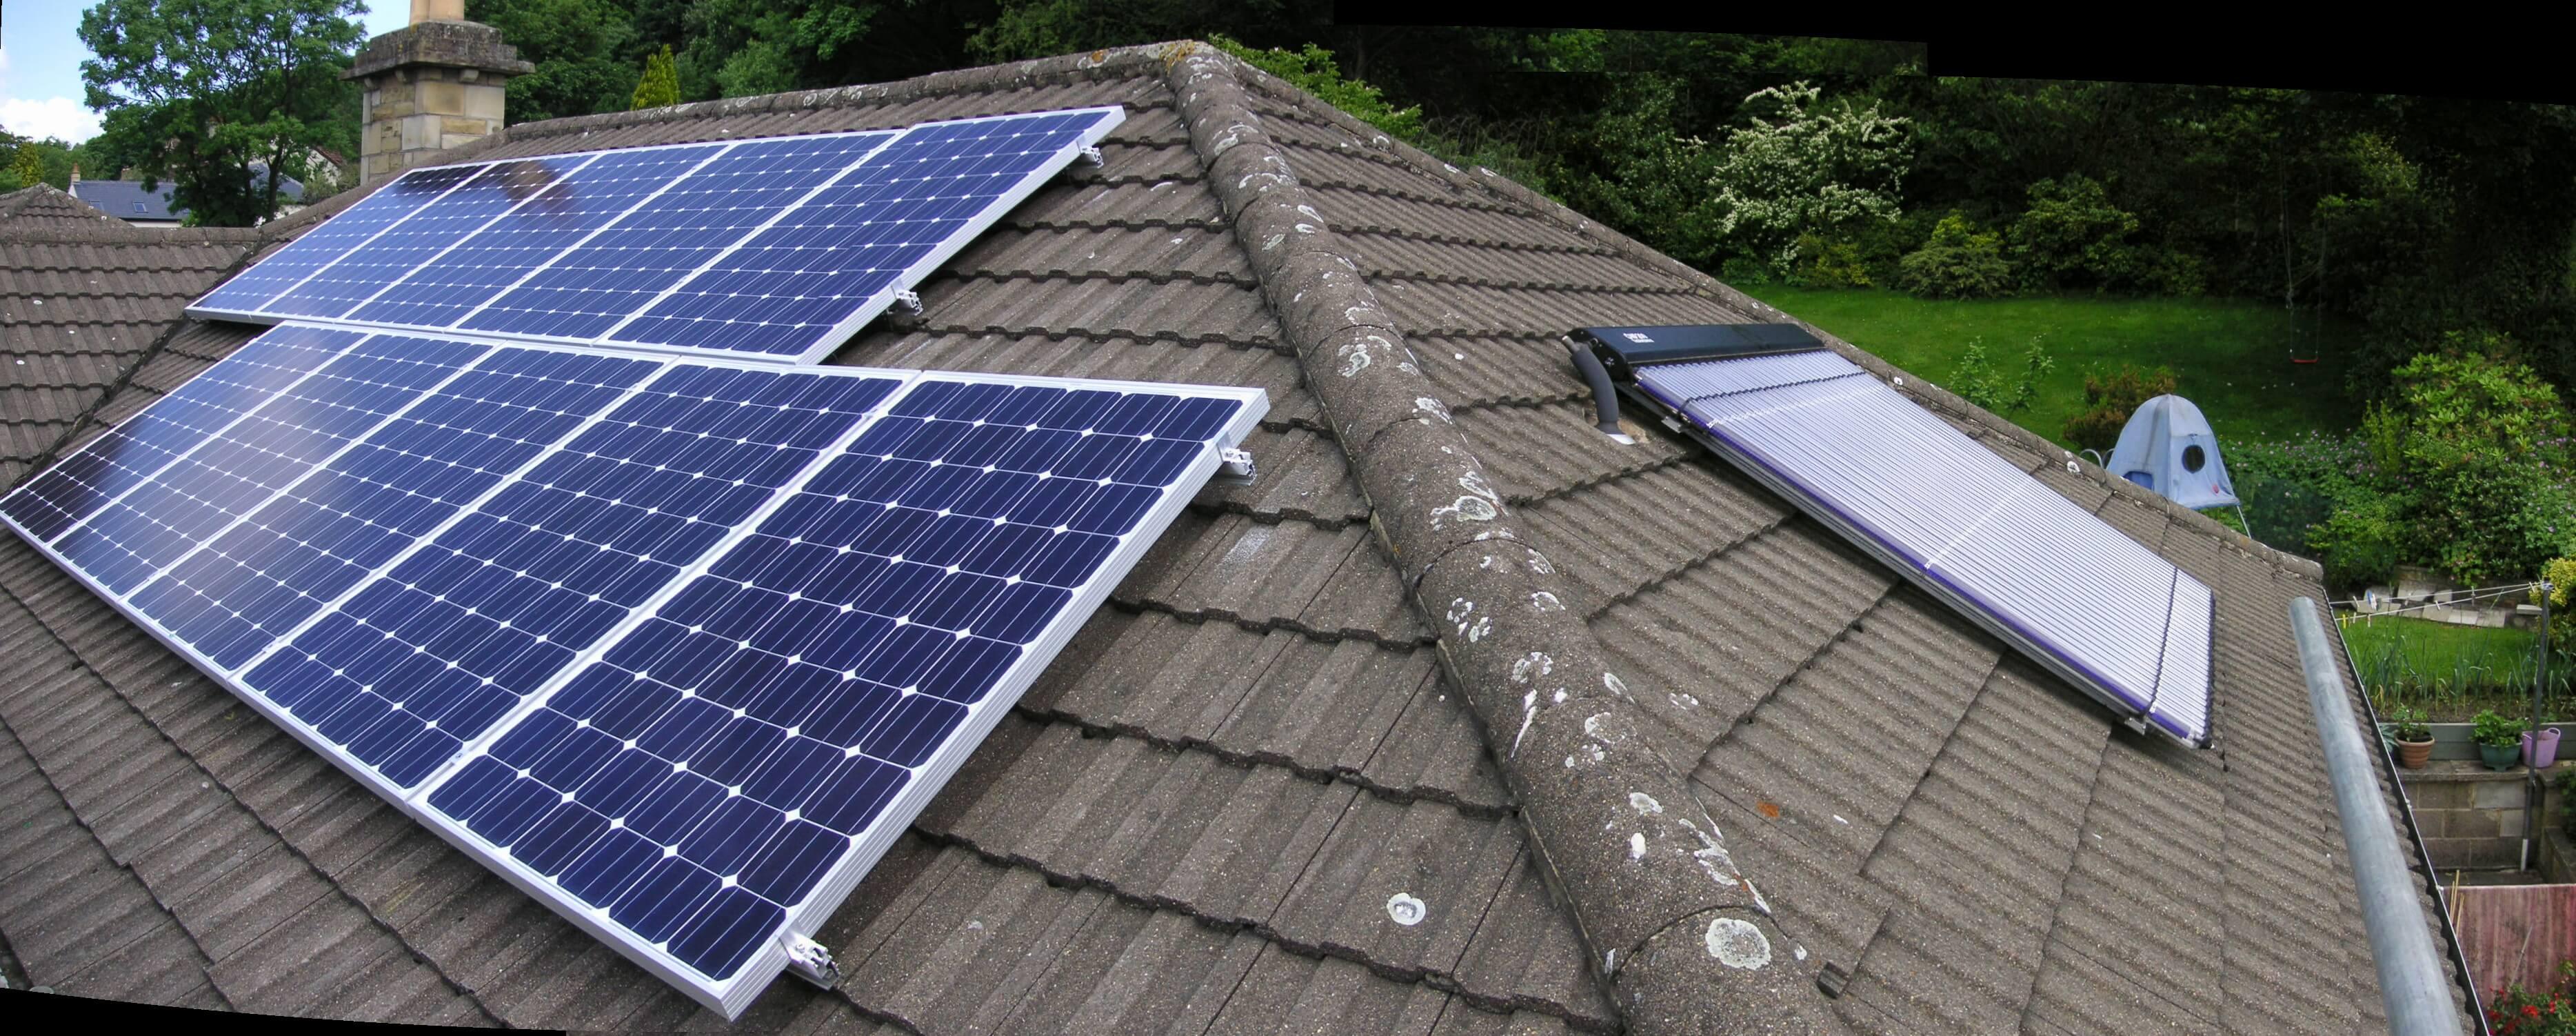 quang điện (PV) và nhiệt mặt trời